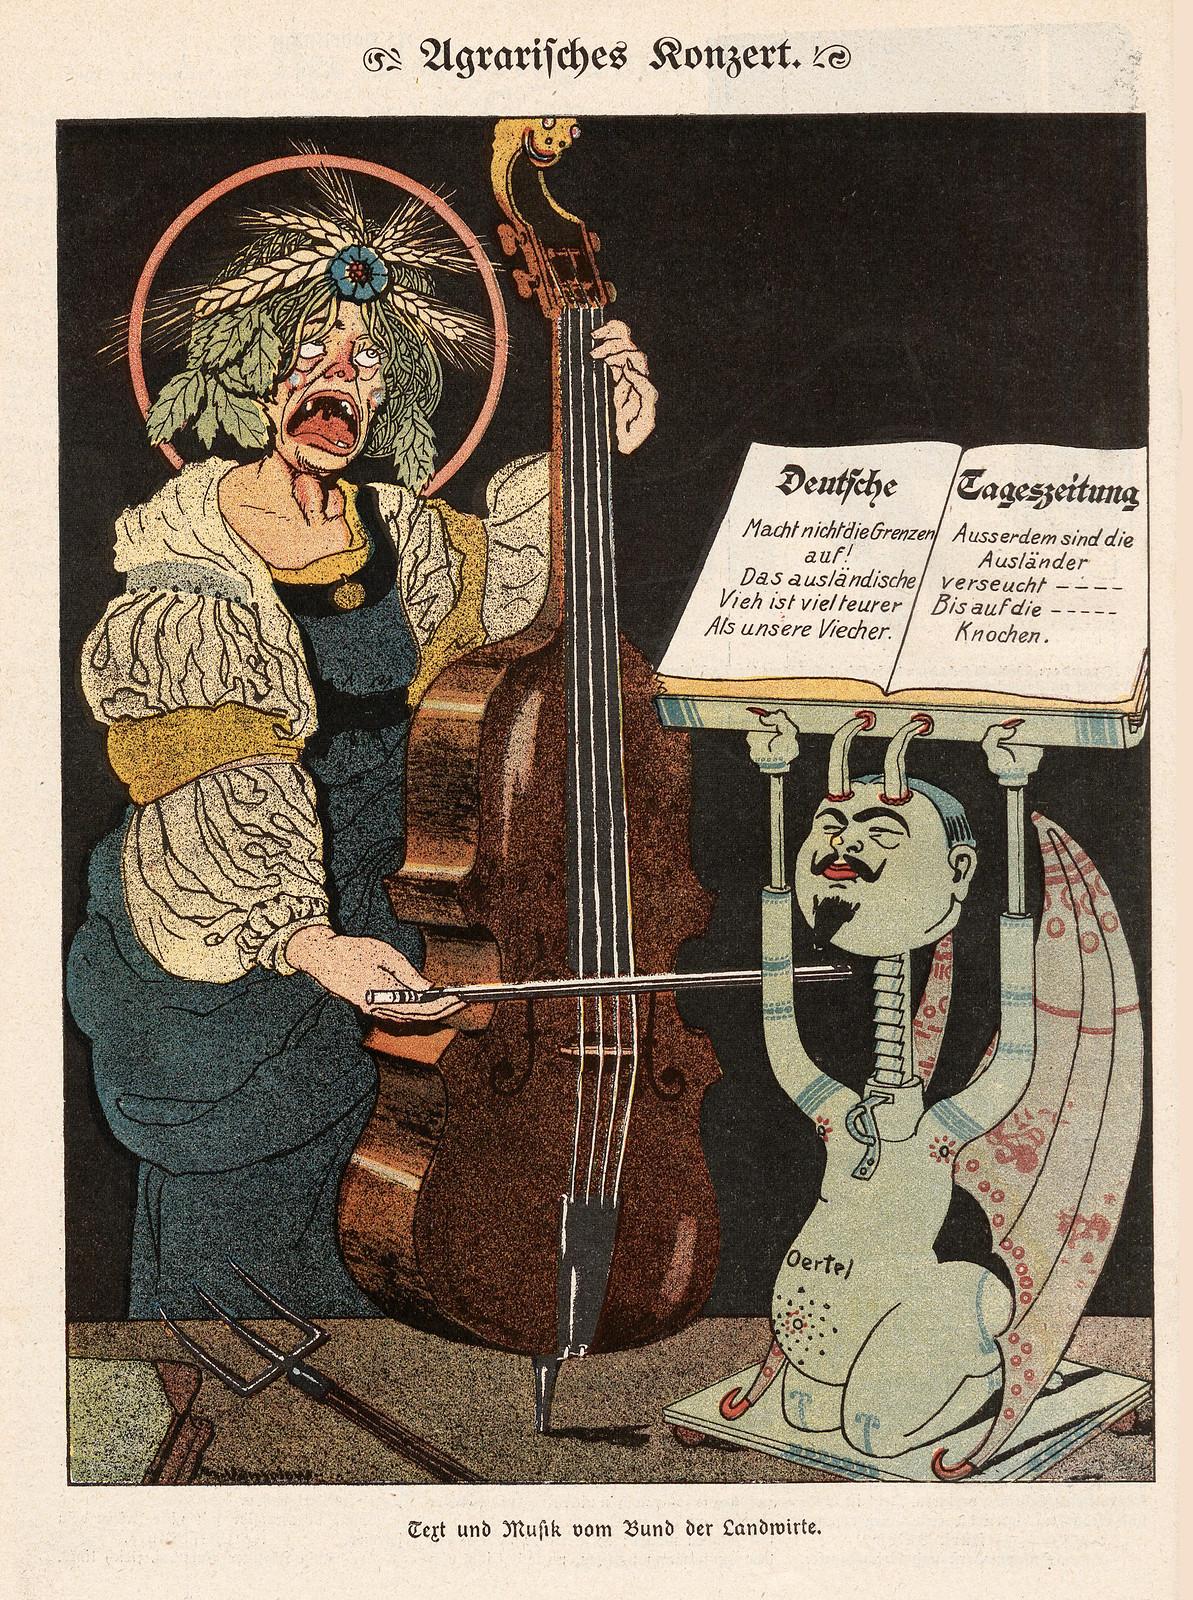 Maximilian Vanselow - Agricultural concert, 1906